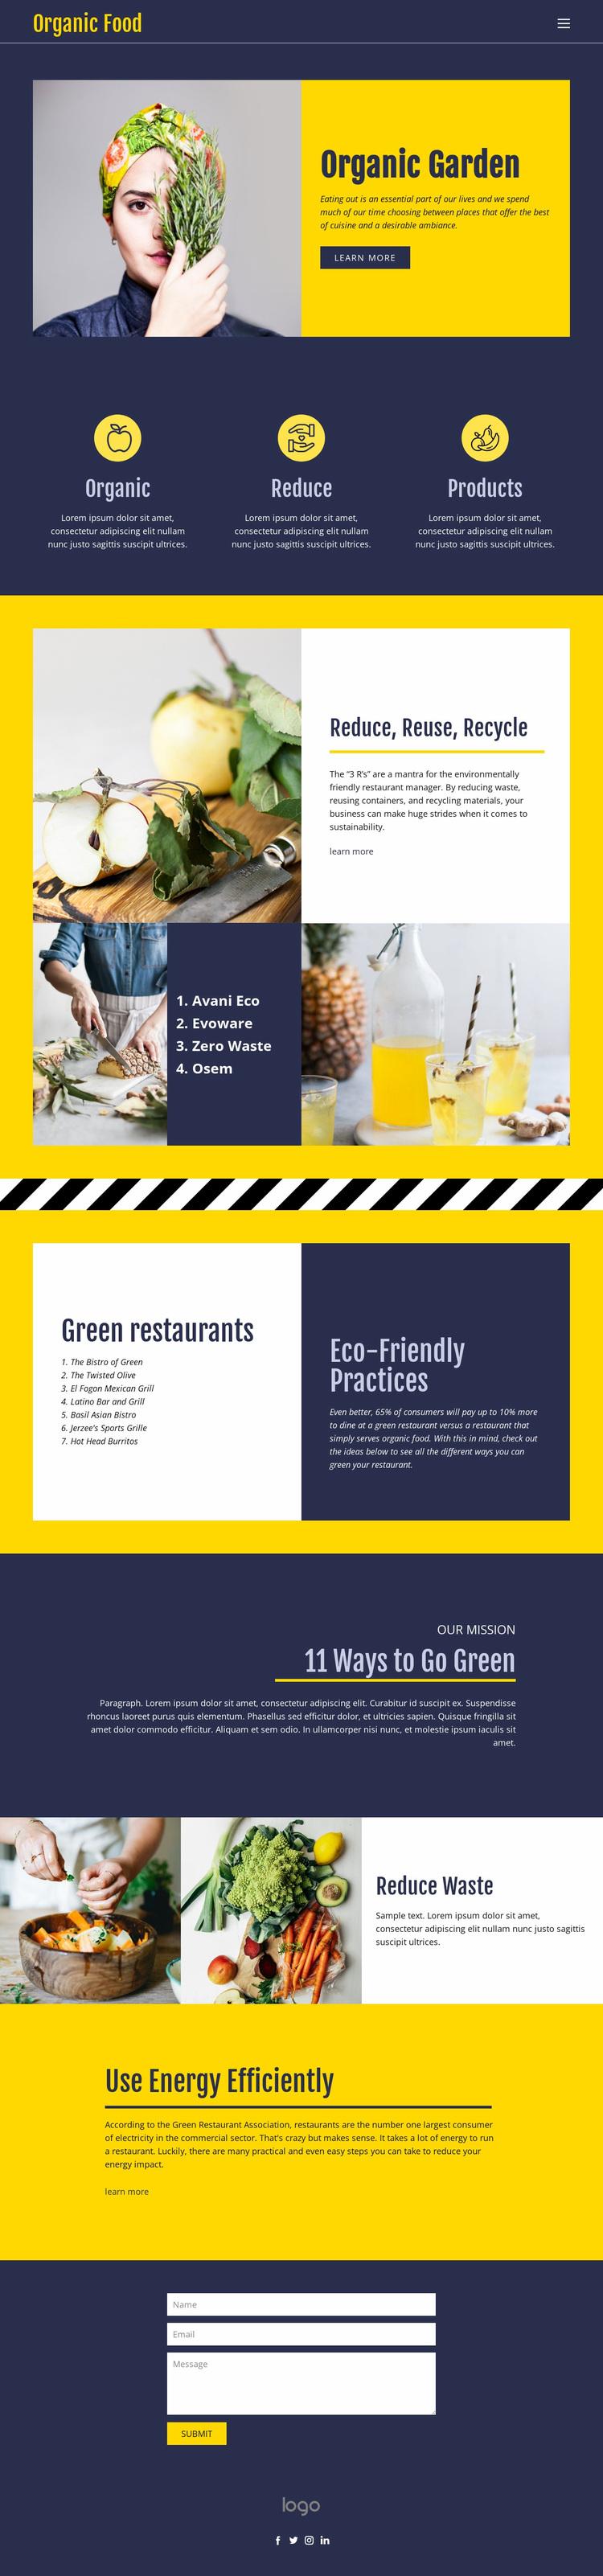 Eating essentials for food Website Design